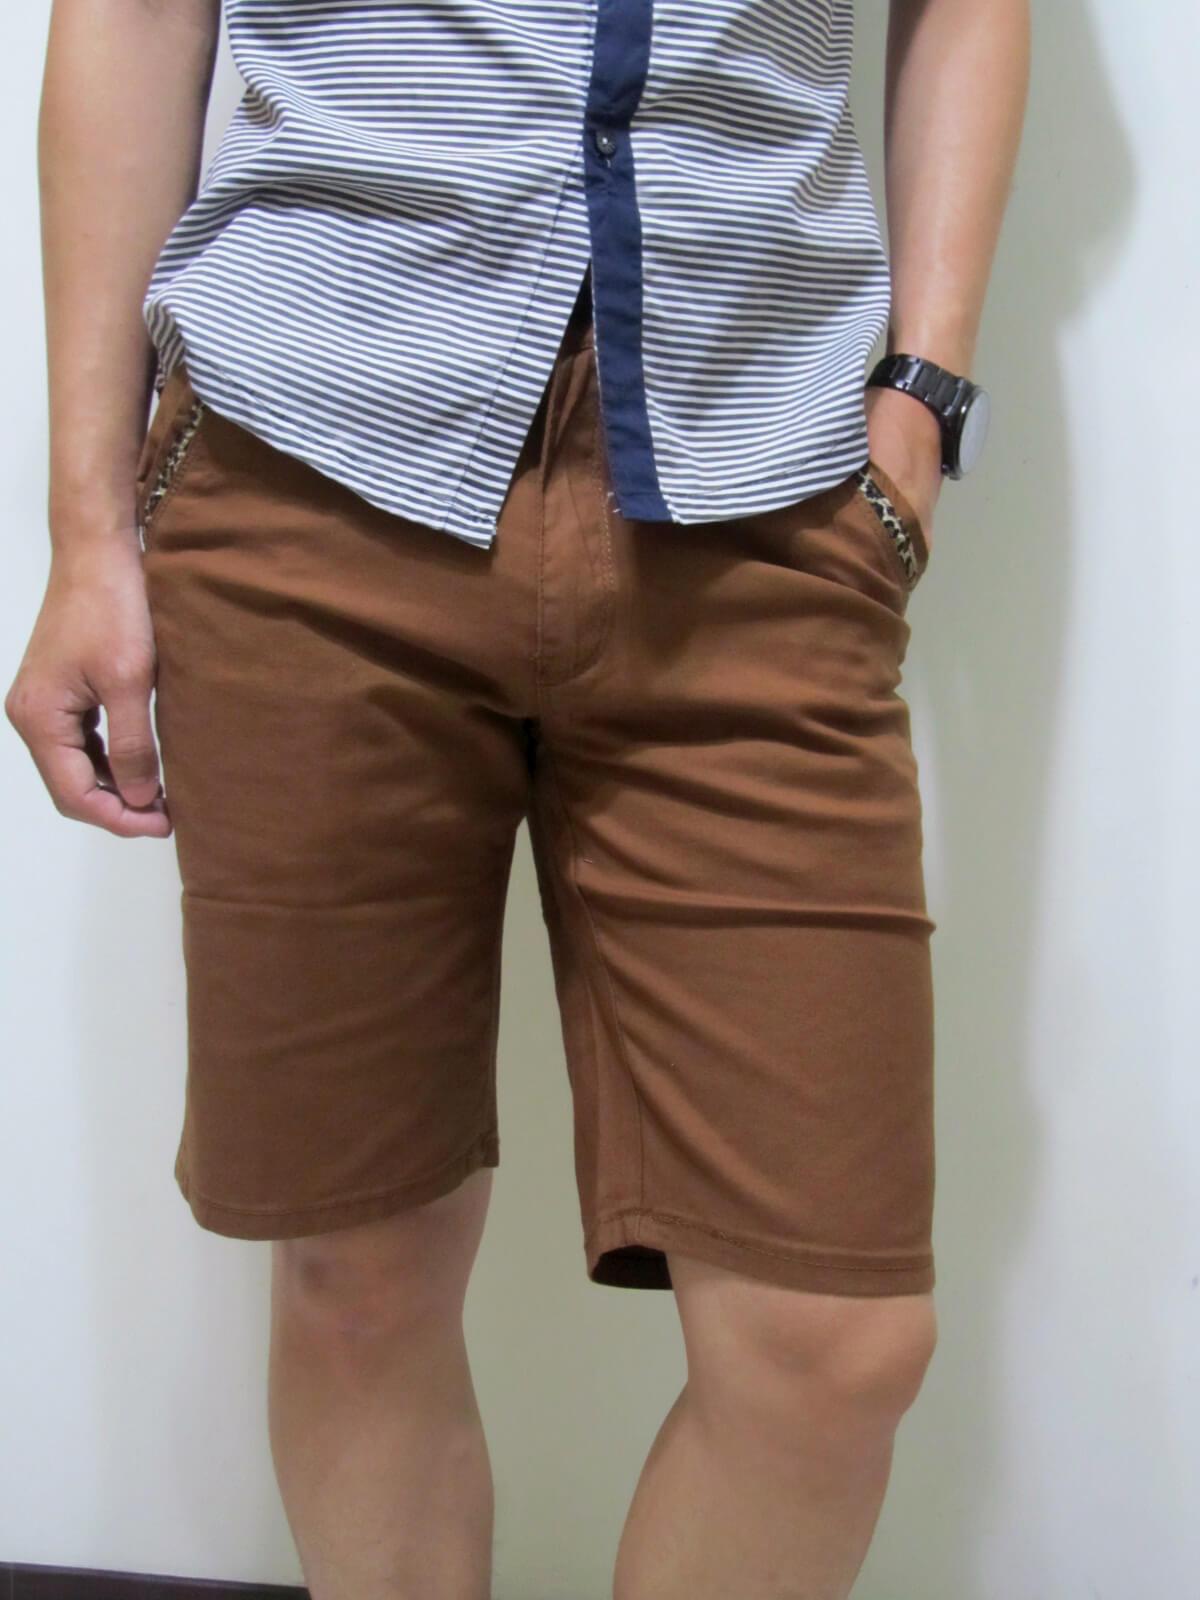 sun-e流行色褲短褲、口袋袋緣豹紋紋路滾邊、休閒短褲、腰圍有皮帶環(褲耳)、褲檔有拉鍊、咖啡色短褲(321-5176-19)咖啡 腰圍:M L XL 2L 3L(28~37英吋) 1